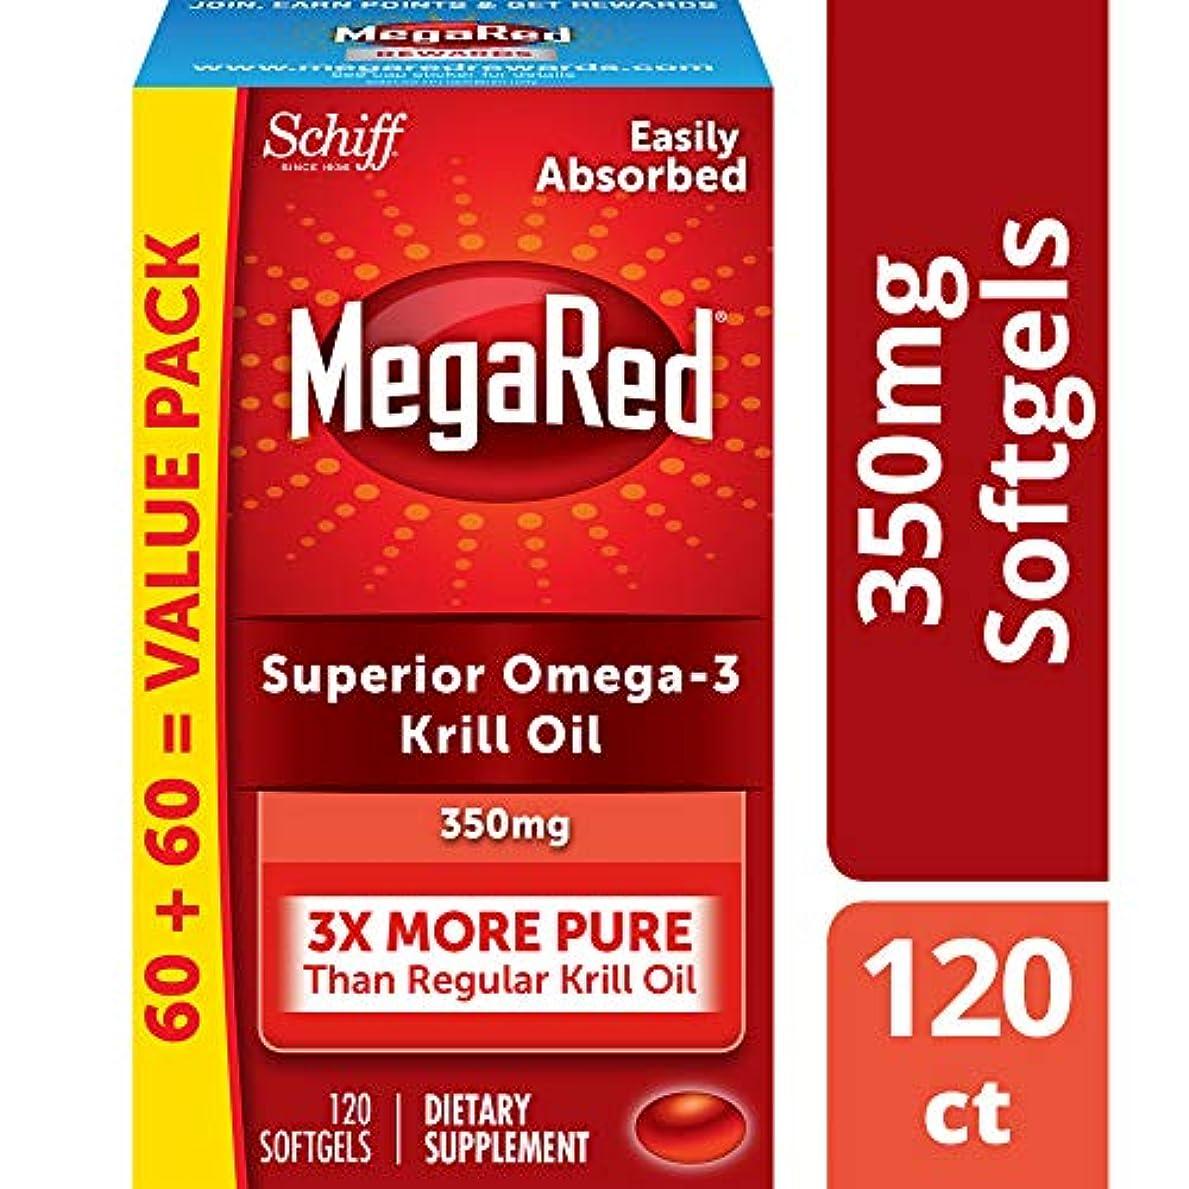 作るスワップに同意する【海外直送品】シッフ Megared オメガ3 クリルオイル アスタキサンチン 抗酸化 120錠 350 mg